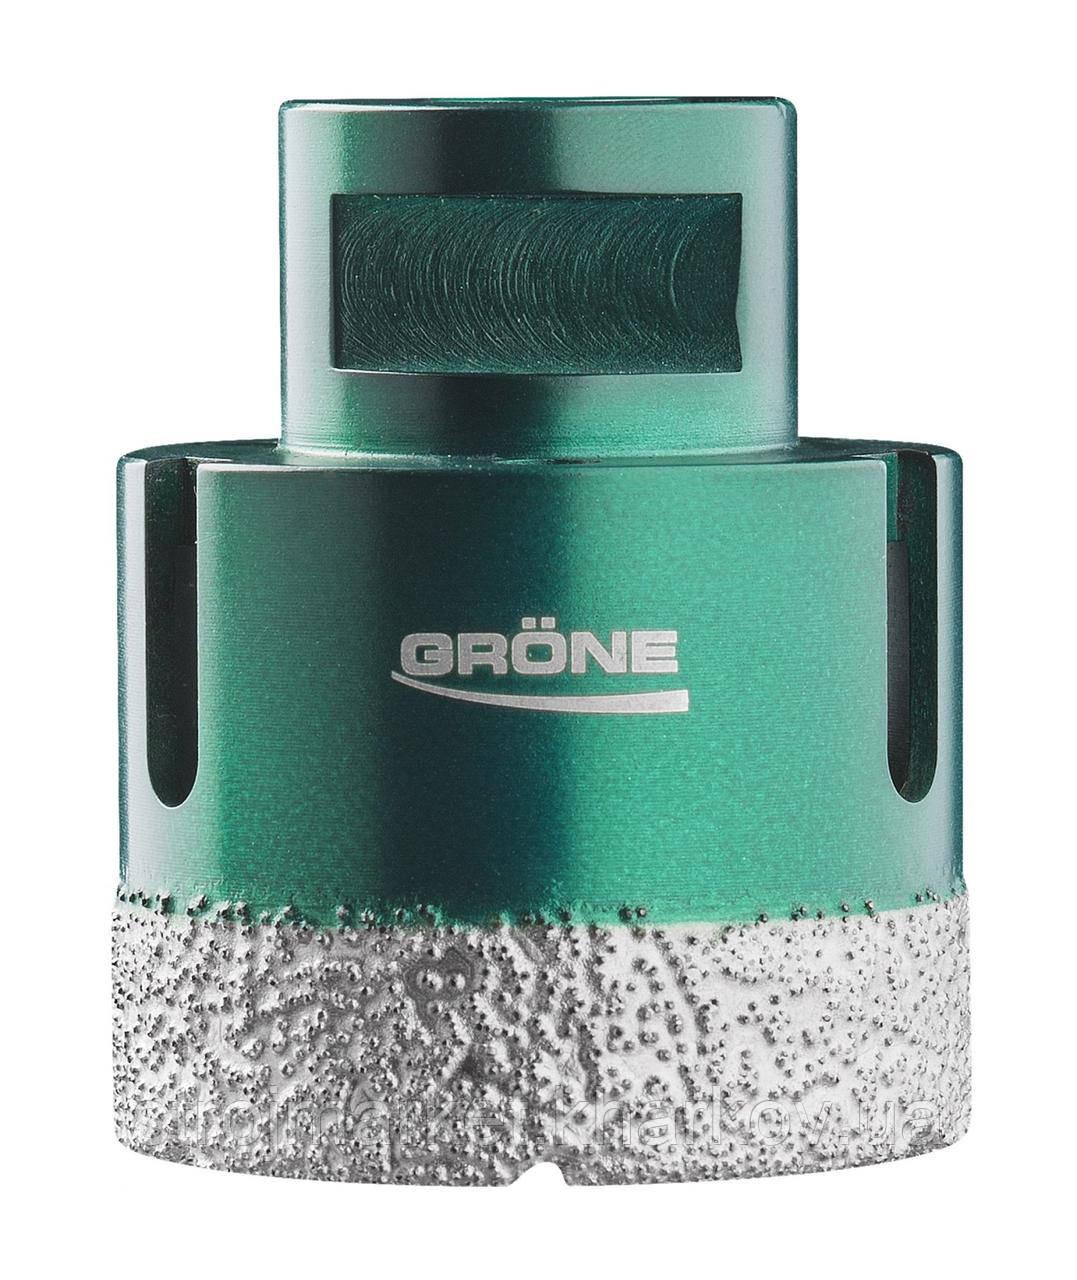 Алмазная коронка вакуумного спекания 43 мм Grone (М14) УШМ